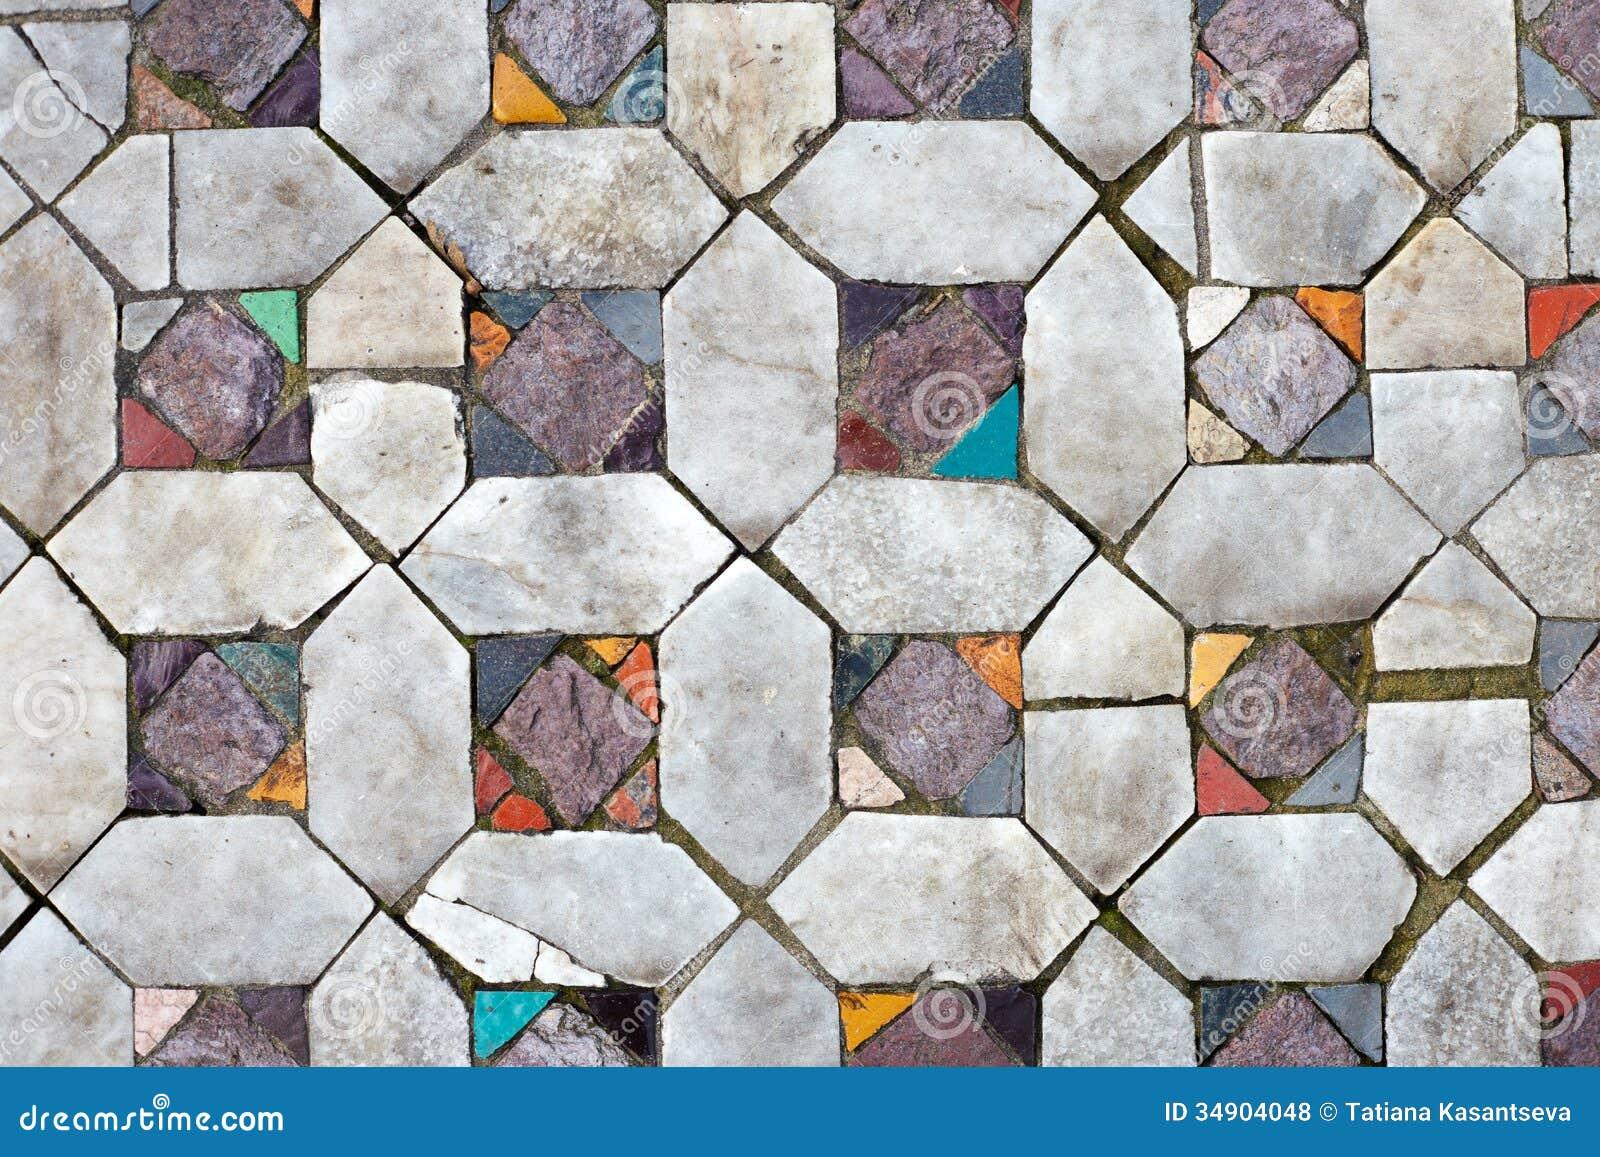 Pisos de mosaico antiguos primer de la textura fotos de for Mosaicos para pisos precios